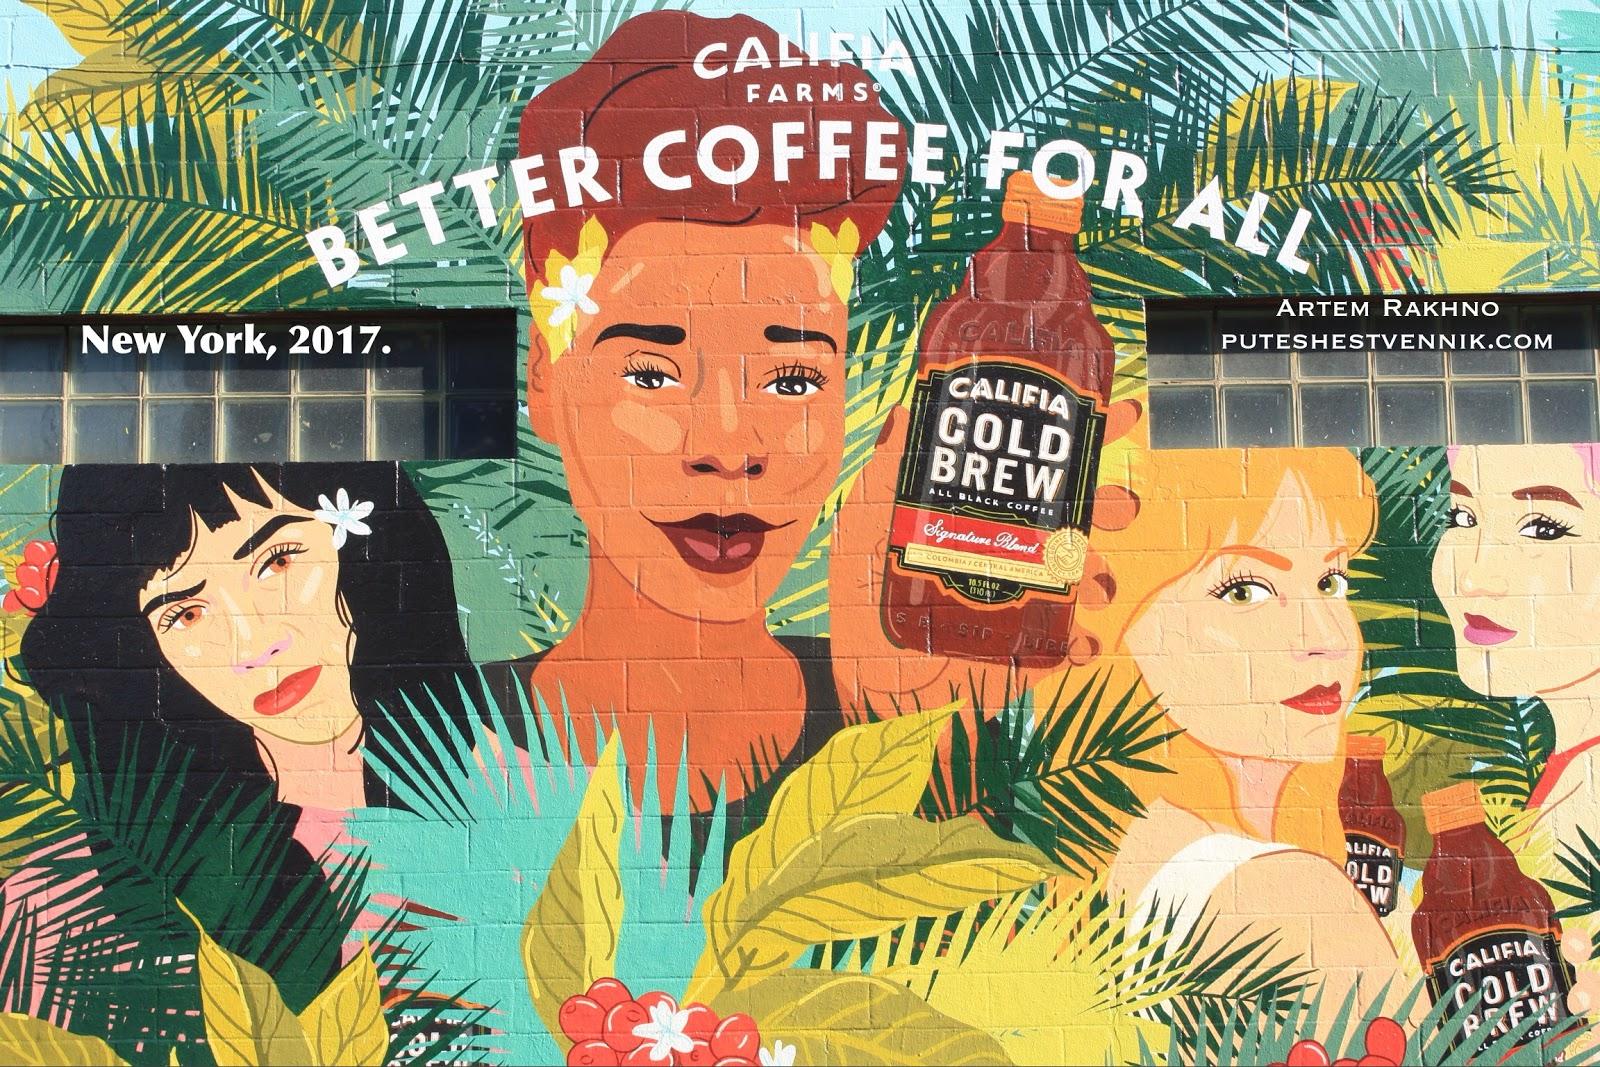 Реклама кофе на стене в Бруклине